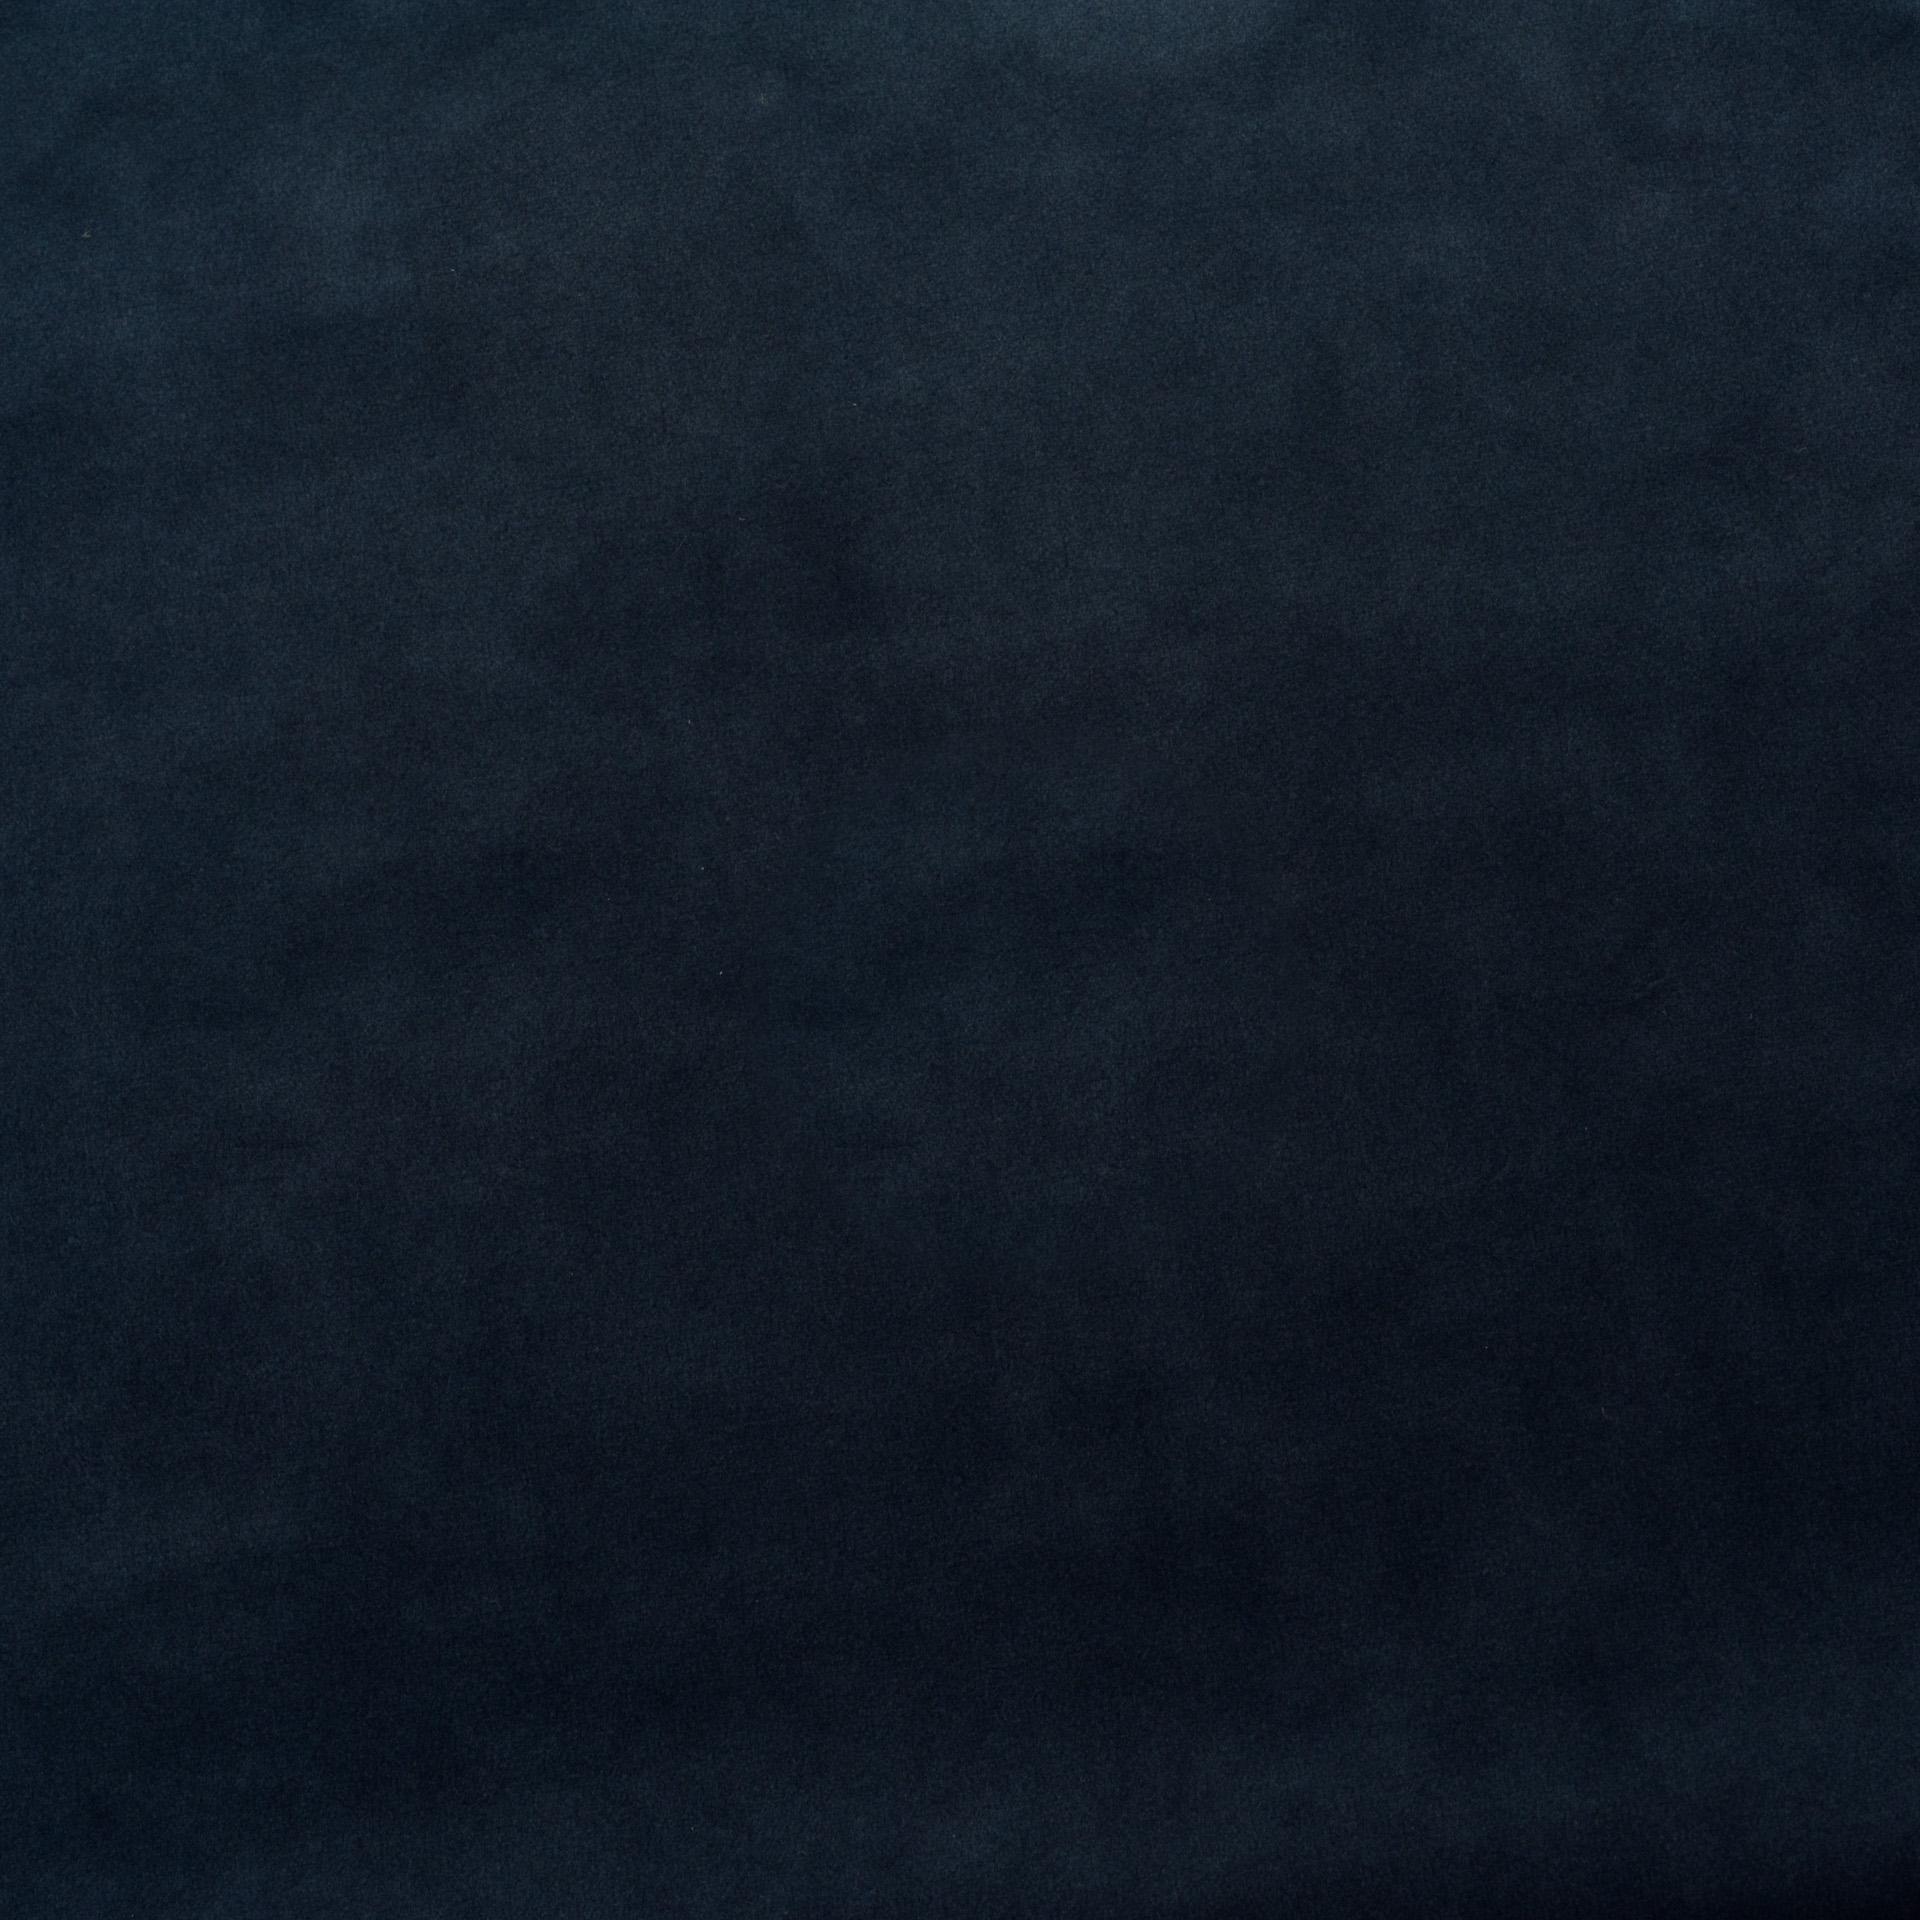 Коллекция ткани Альмира 21 SAPPHIRE,  купить ткань Велюр для мебели Украина